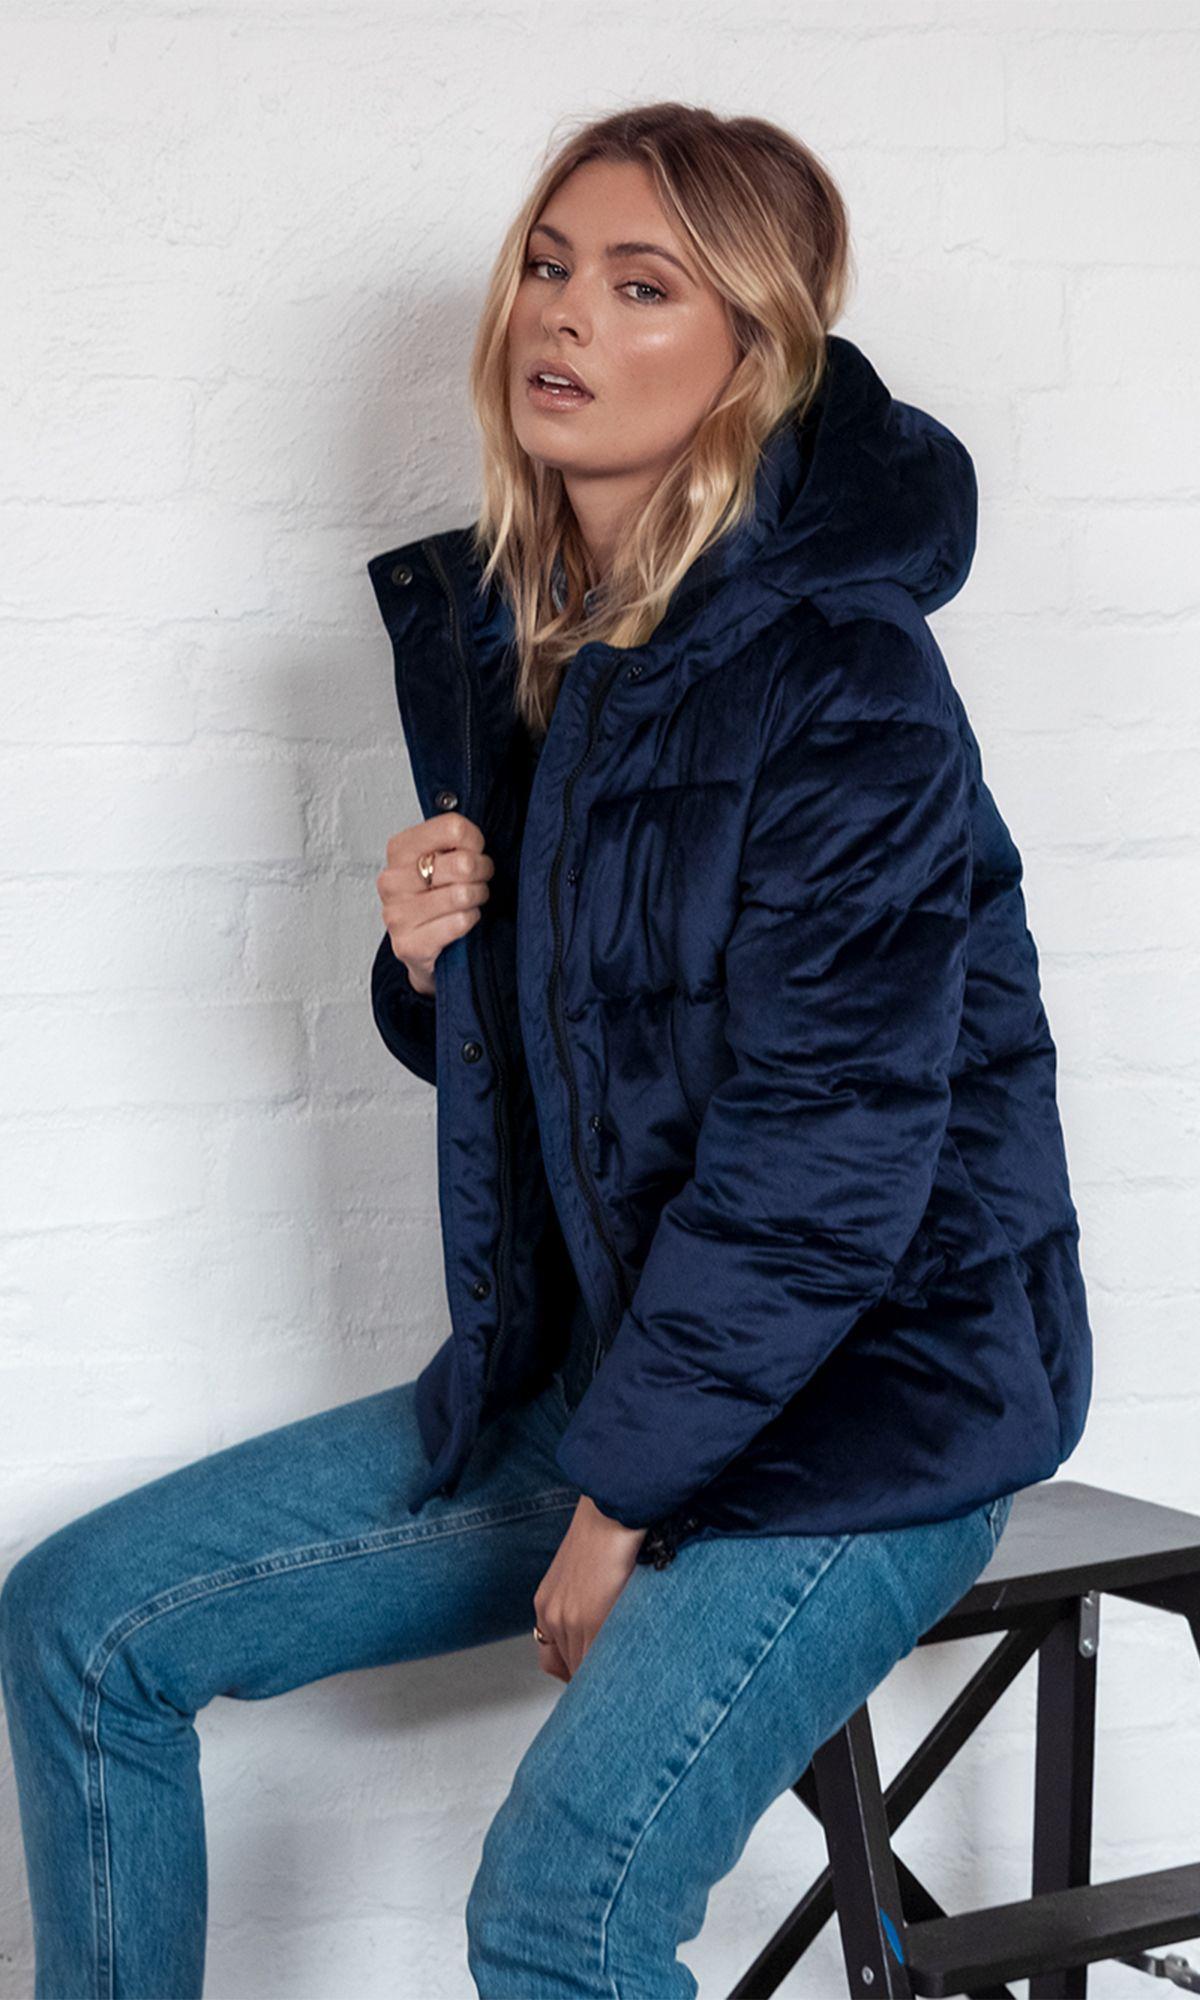 True Blue Puffer Jacket Blue Puffer Jacket Puffer Jackets Jackets [ 2000 x 1200 Pixel ]